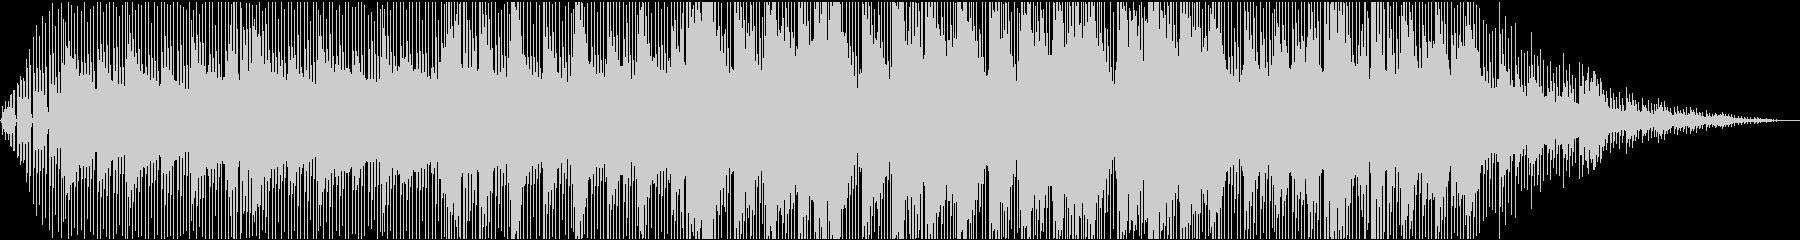 スタート前の回想シーン(ピアノ、ギター)の未再生の波形